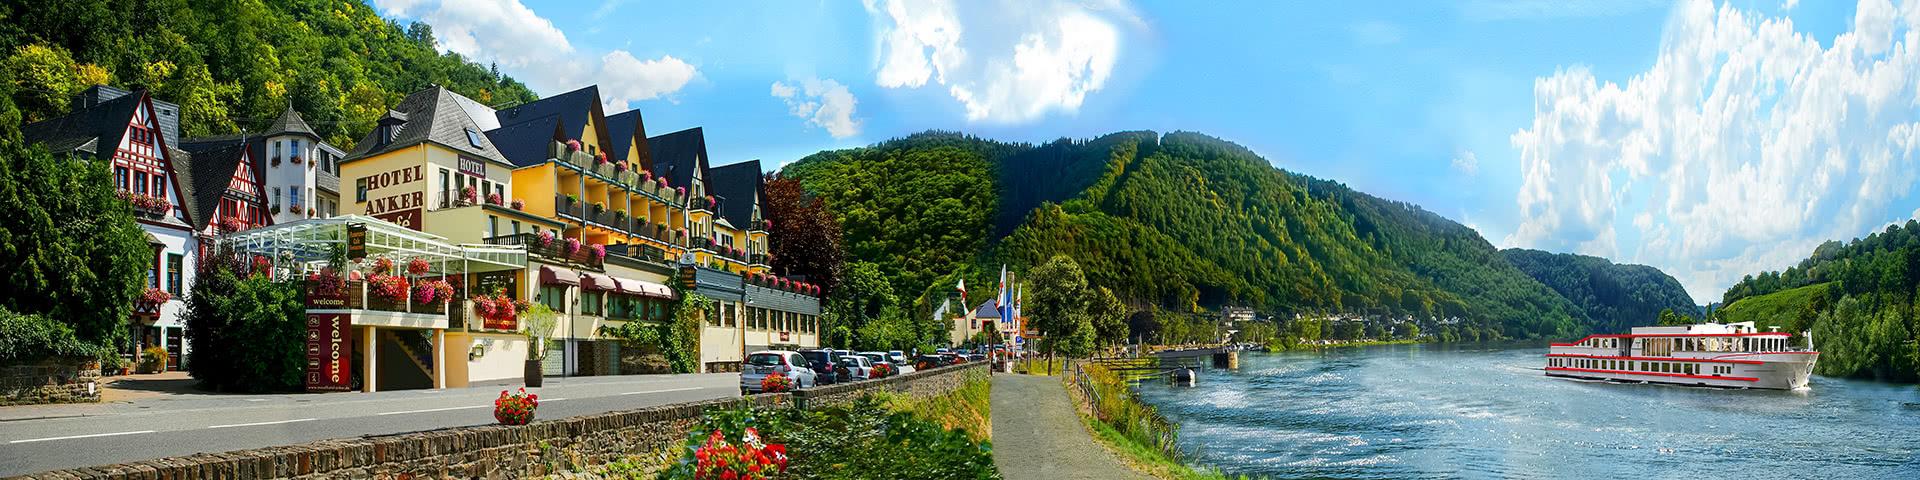 Außenansicht Hotel Honker in Brodenbach